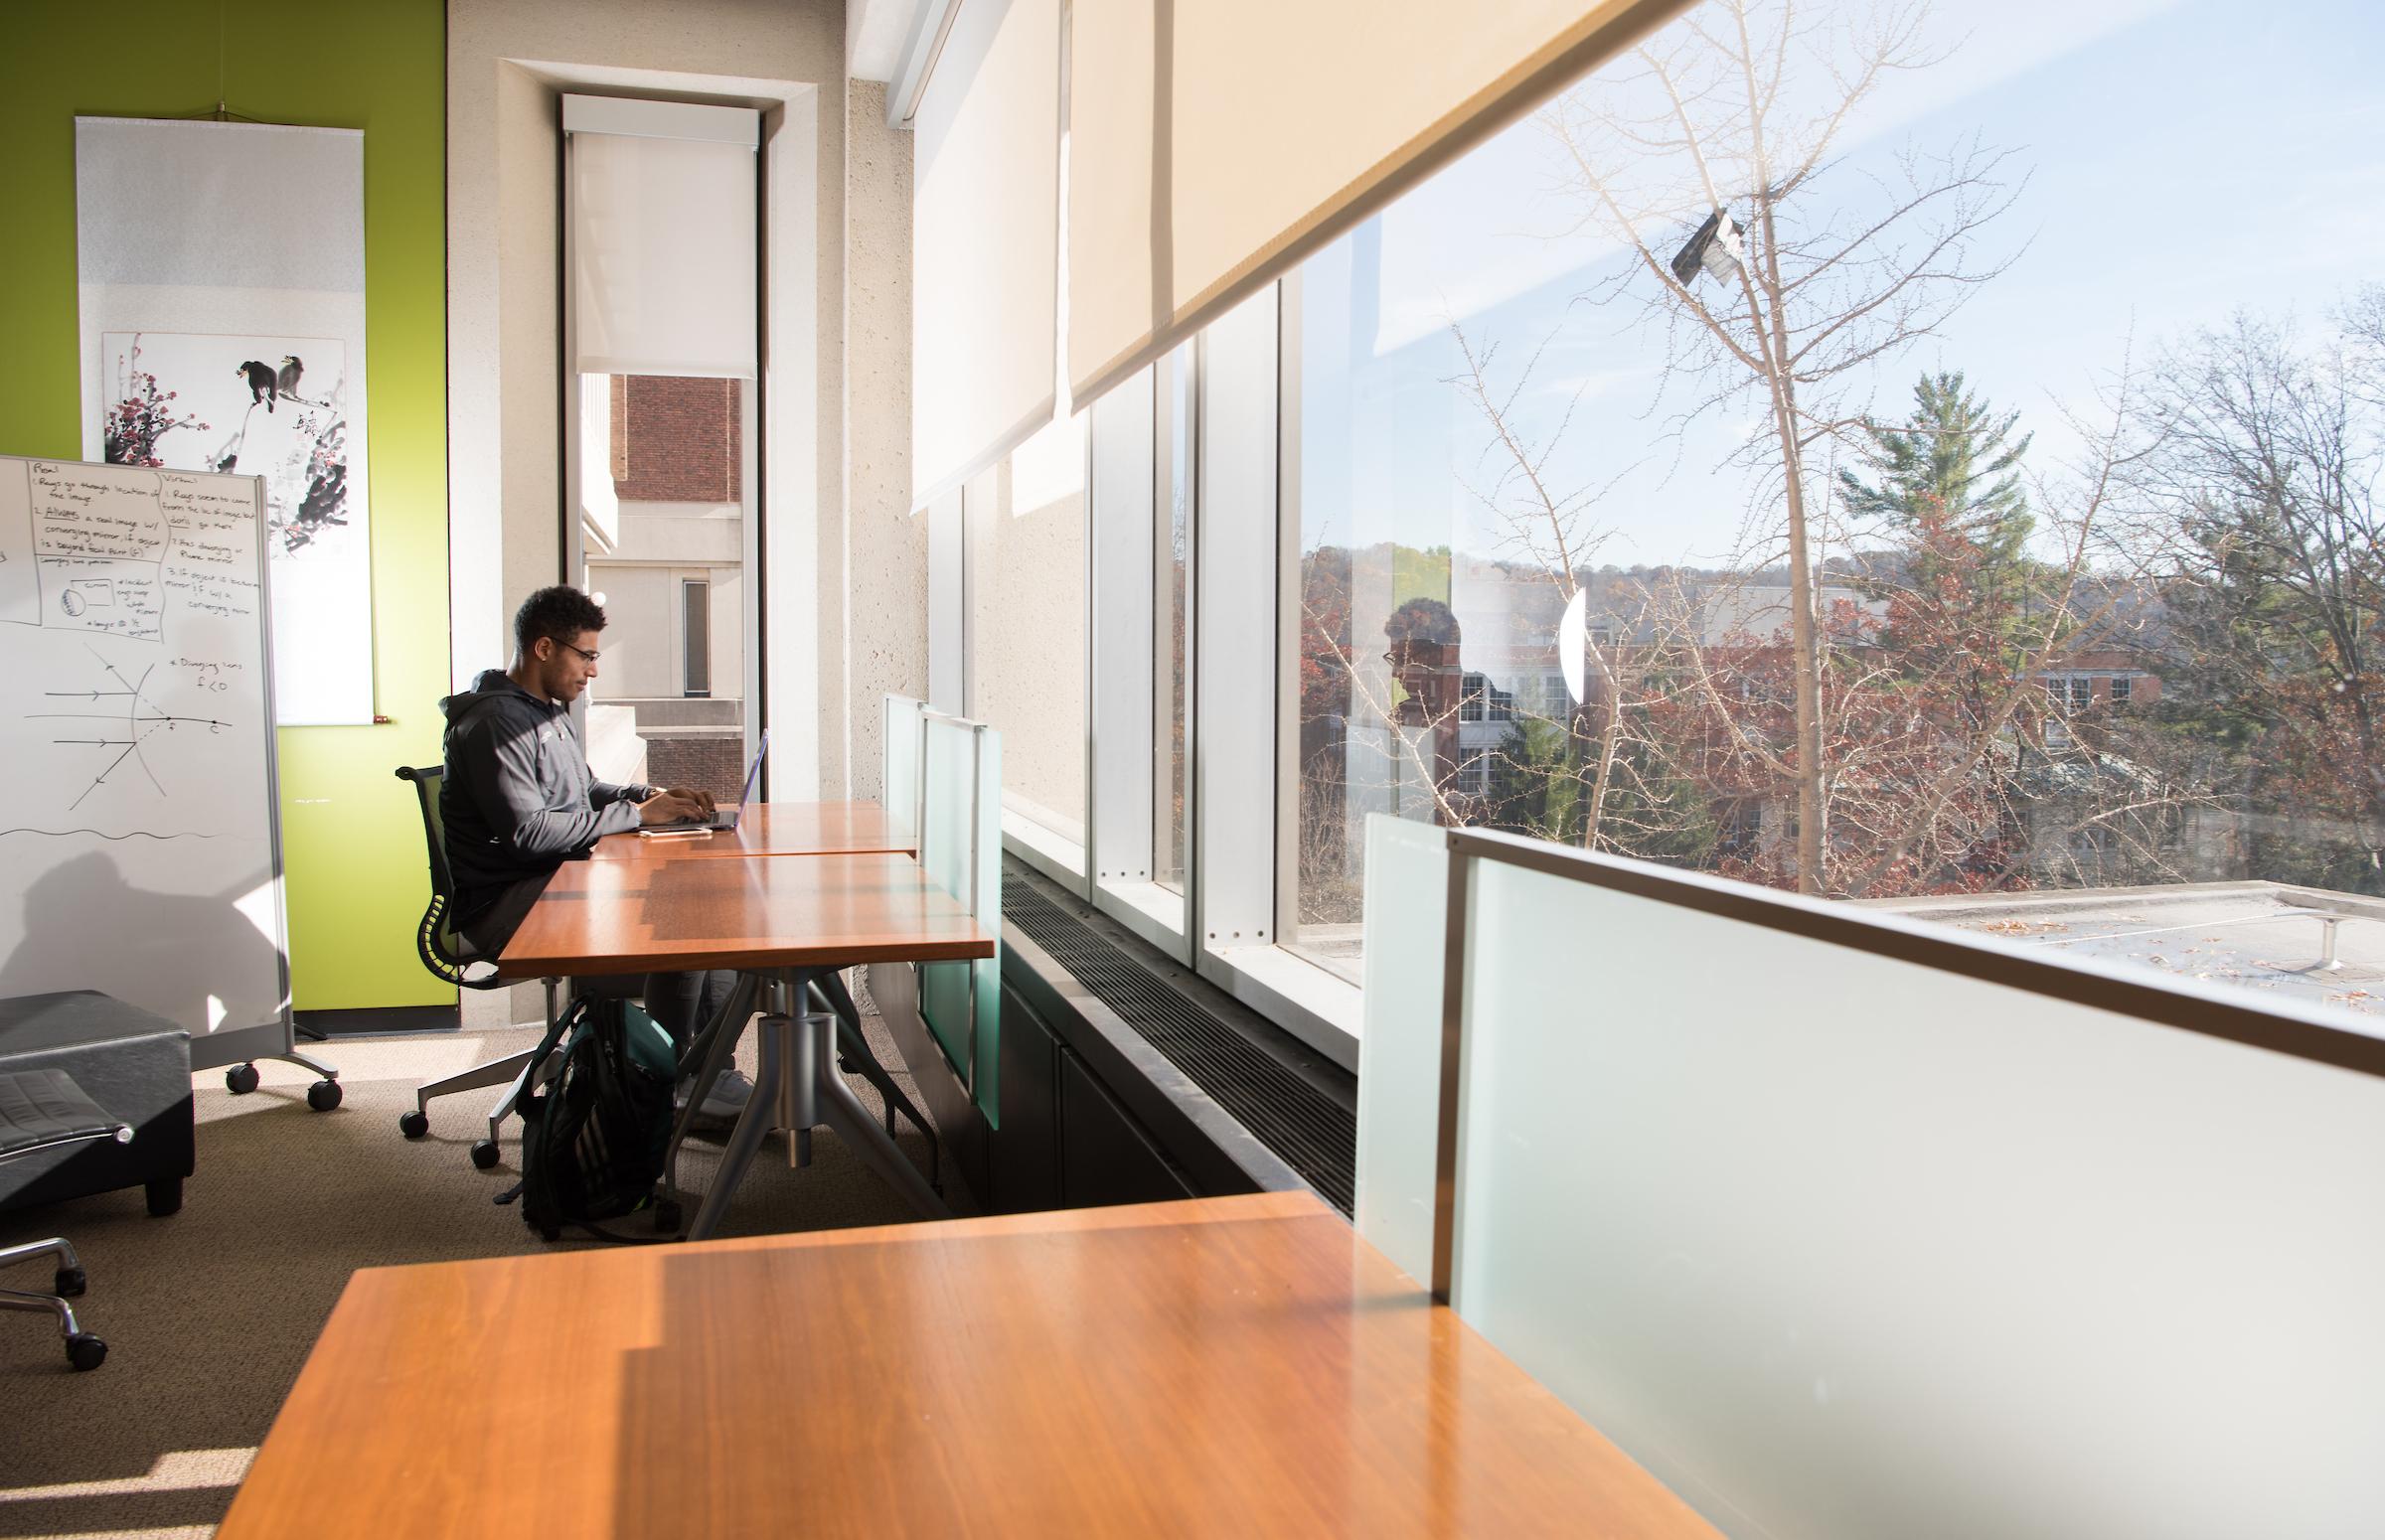 Fourth Floor Windows, Alden Library